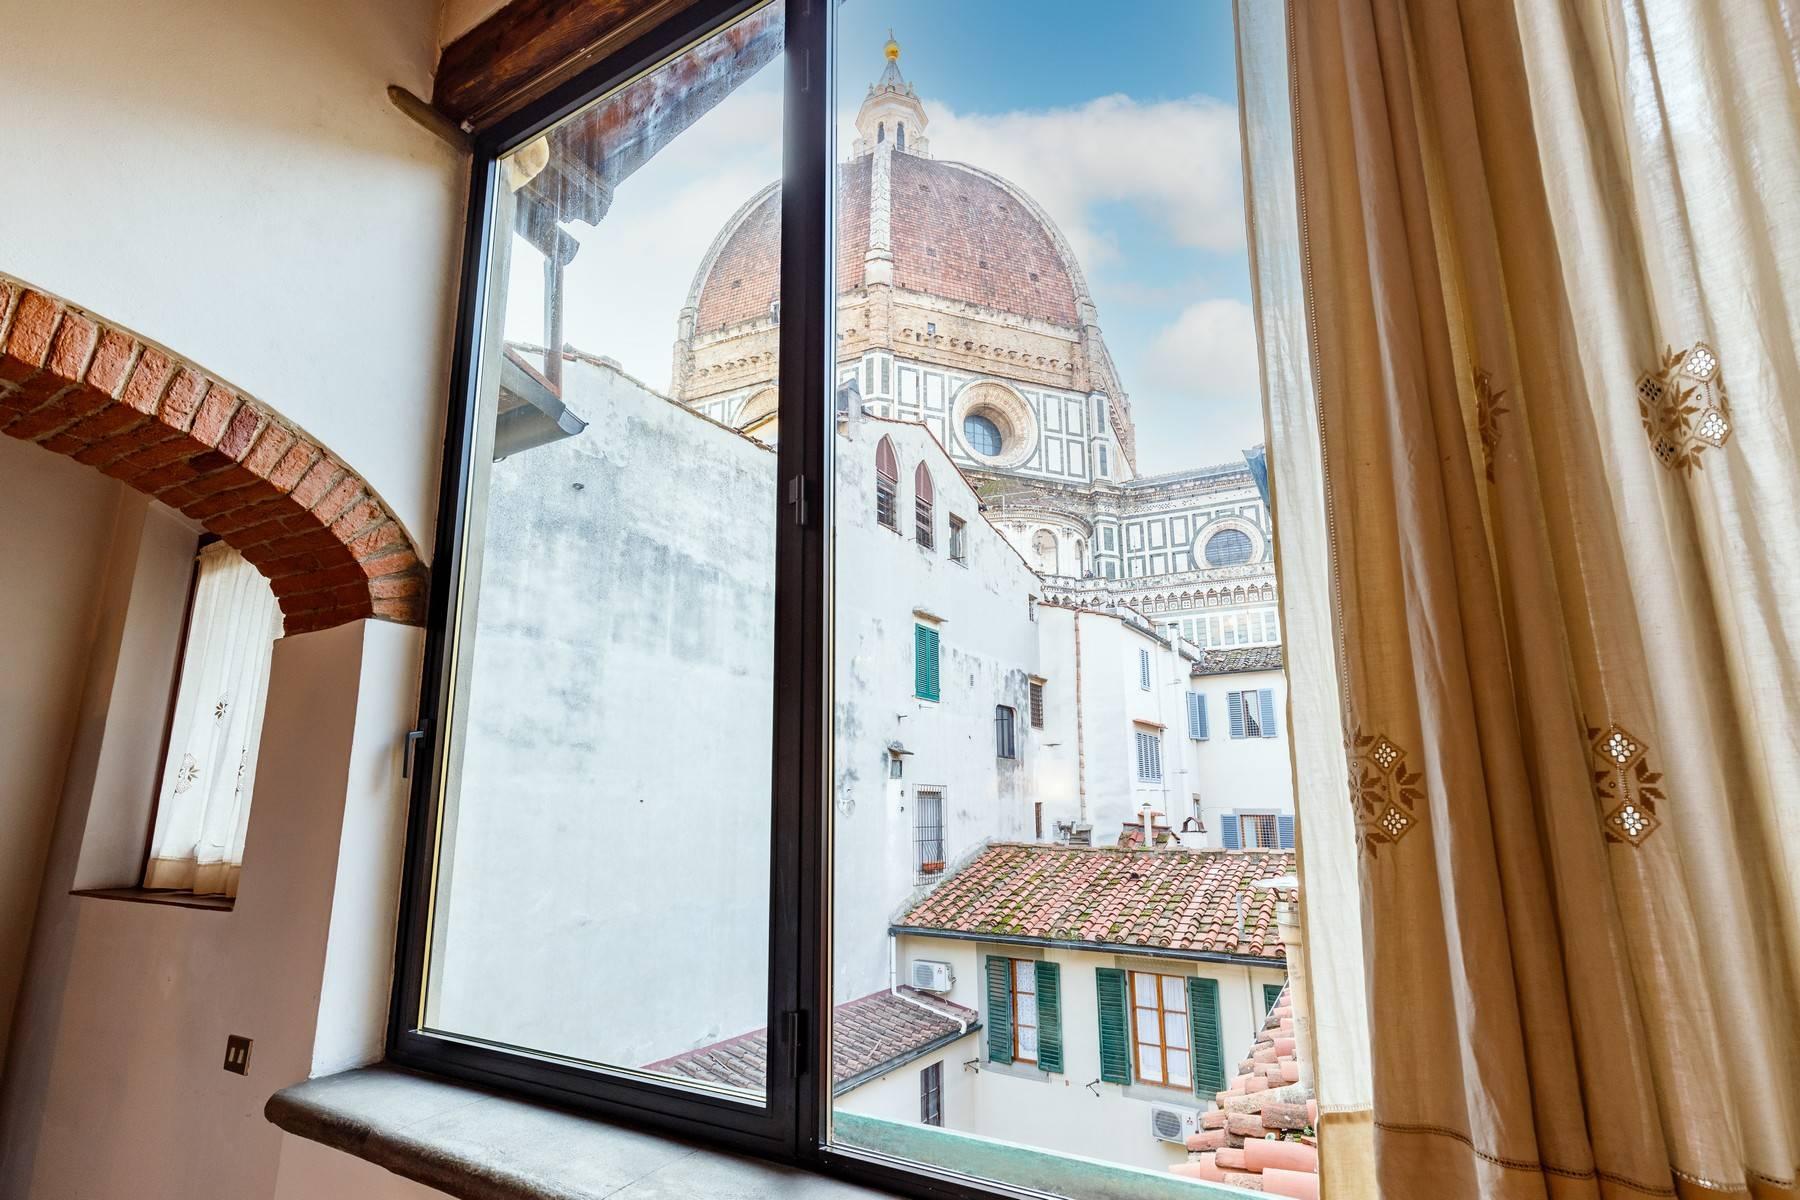 Attico con vista monumentale sul Duomo - 3